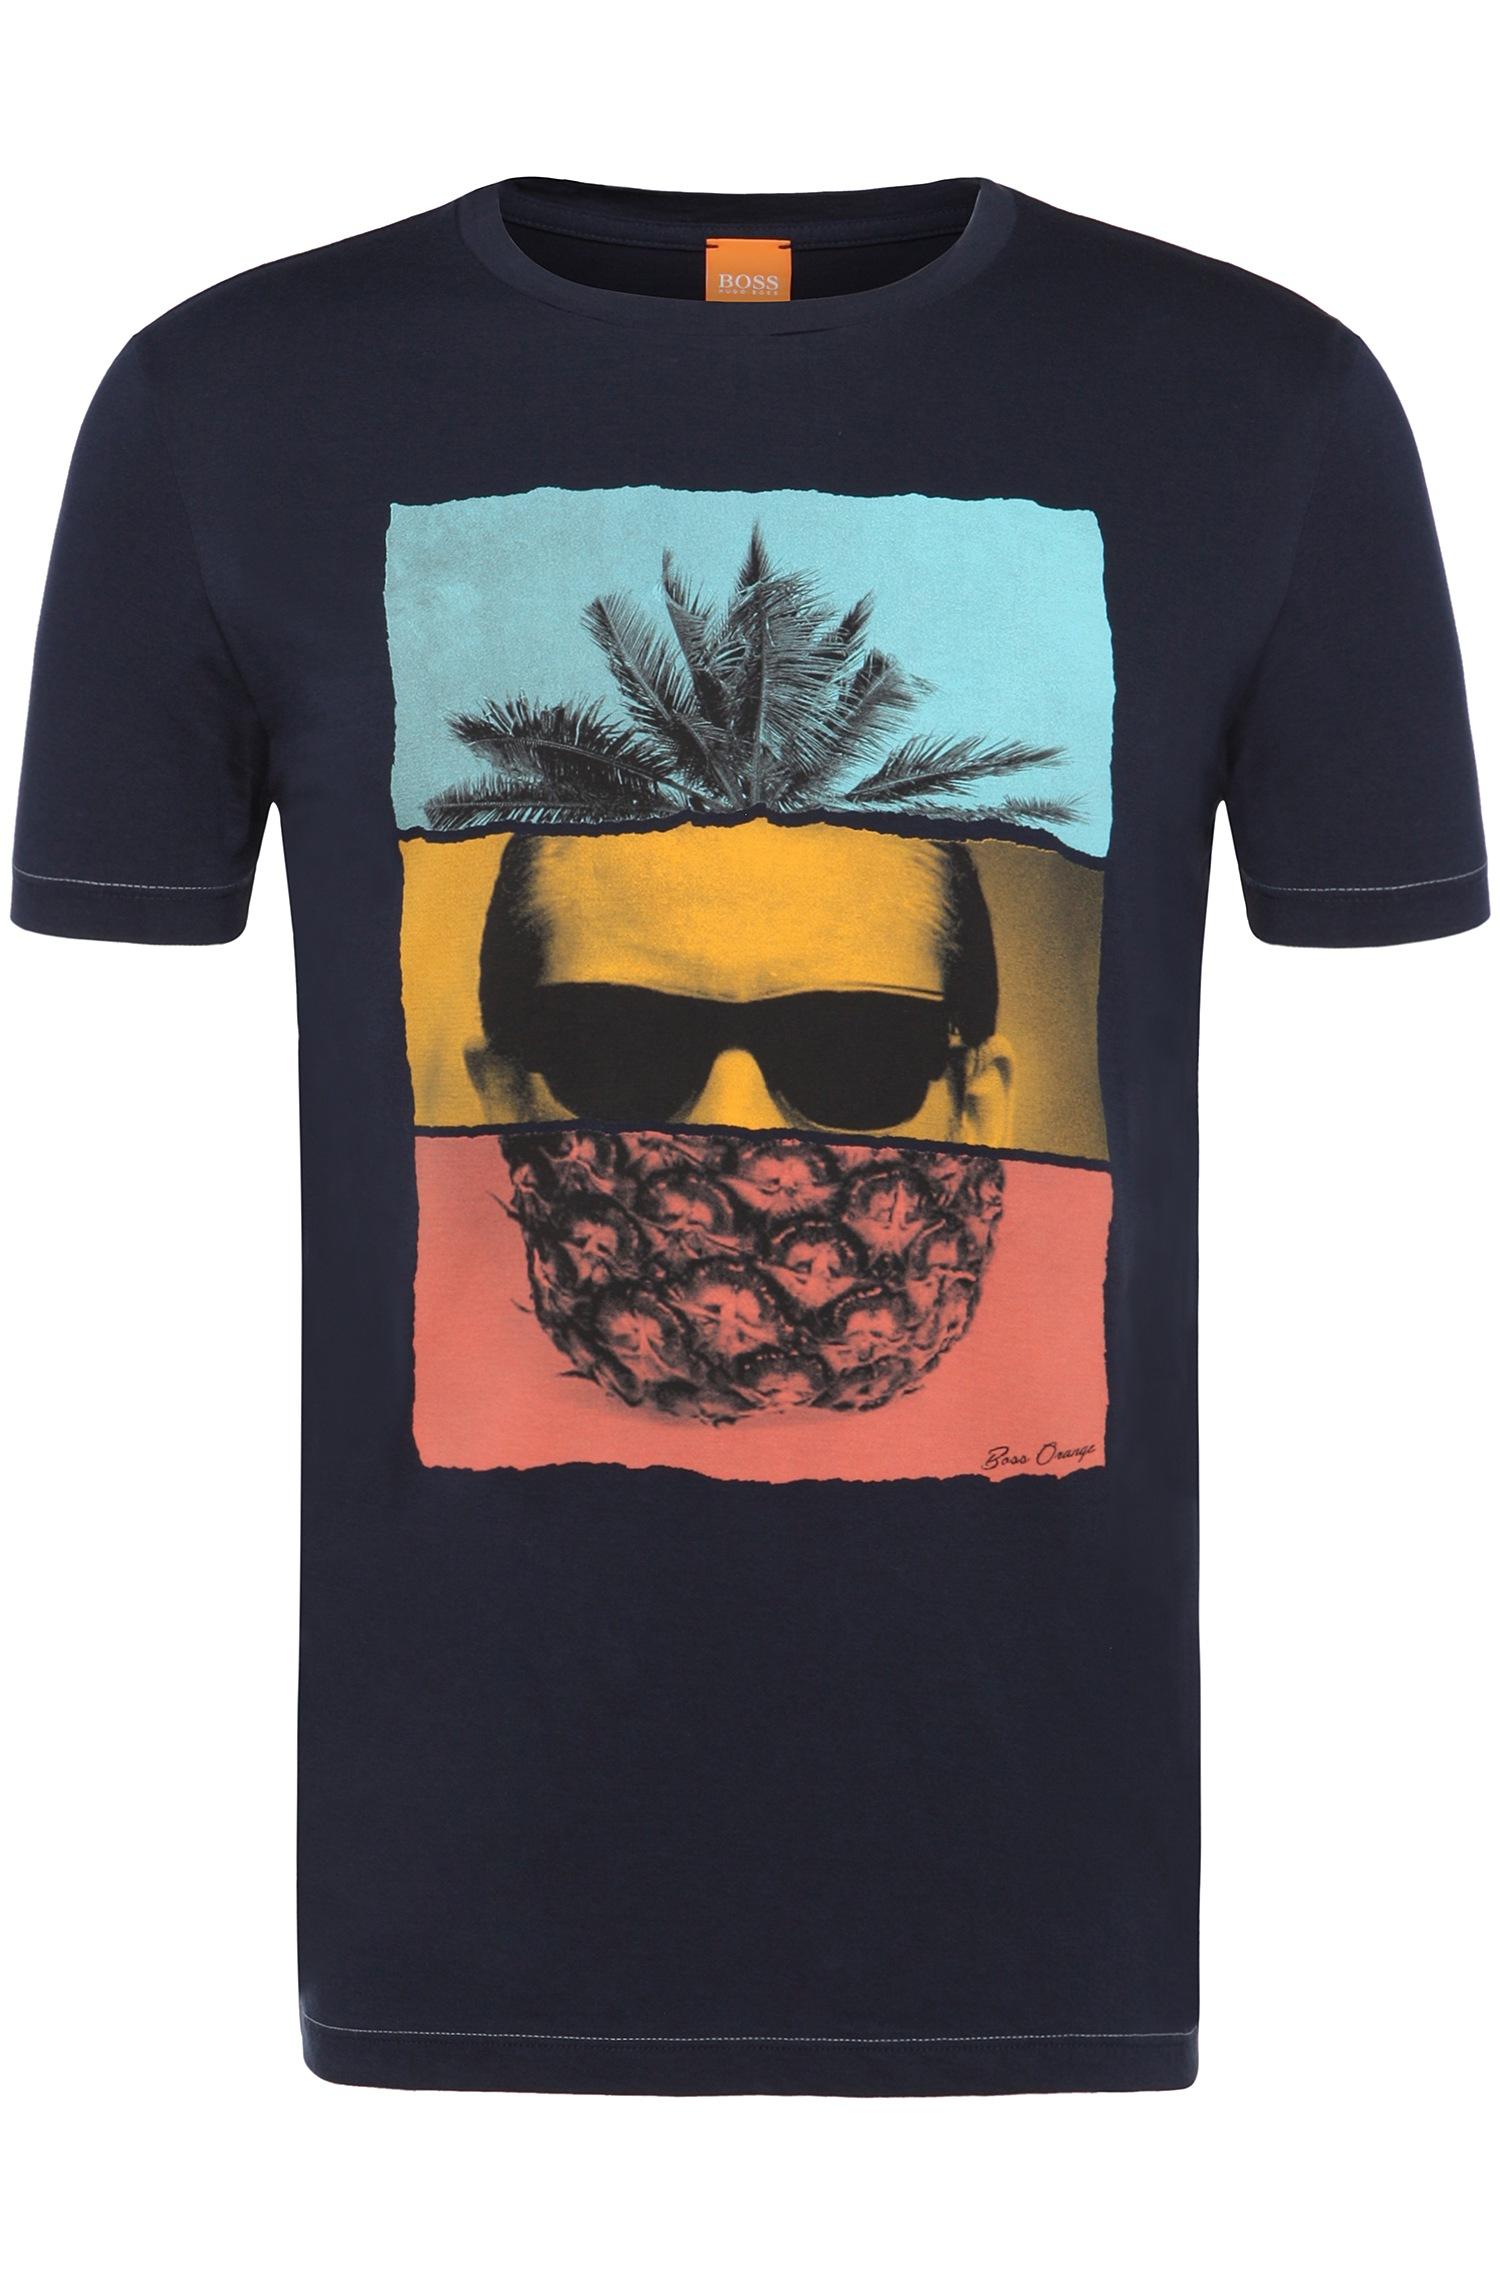 'towney'Cotton Blue Pineapple T Shirt Men's qpUjGSzVLM